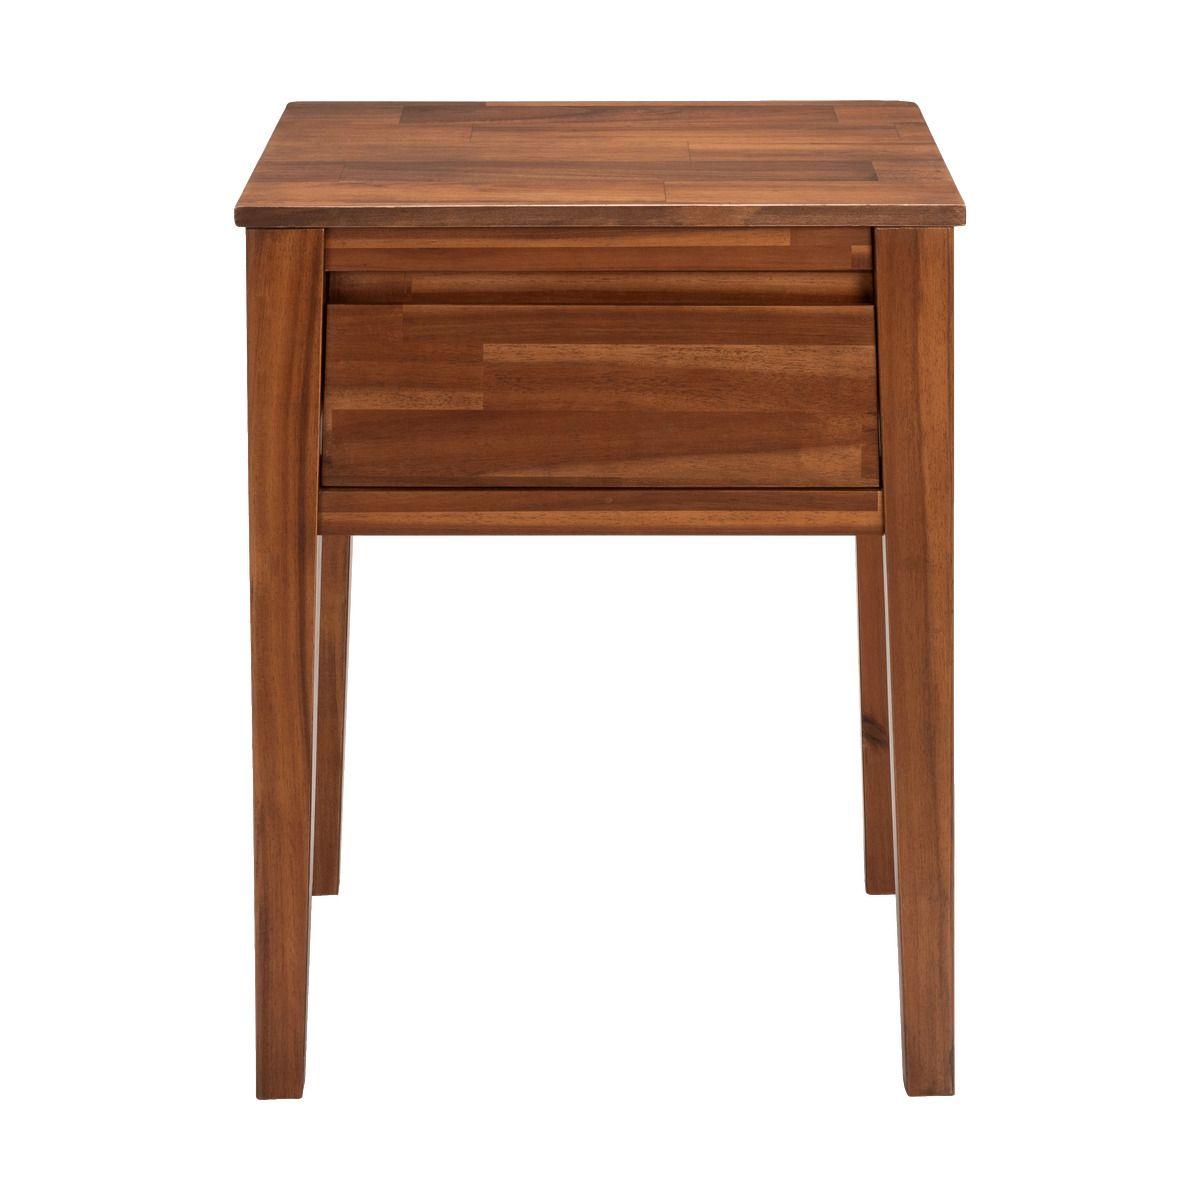 Table De Chevet En Acacia Massif 1 Tiroir Alinea Table De Chevet Chevet Et Tiroir